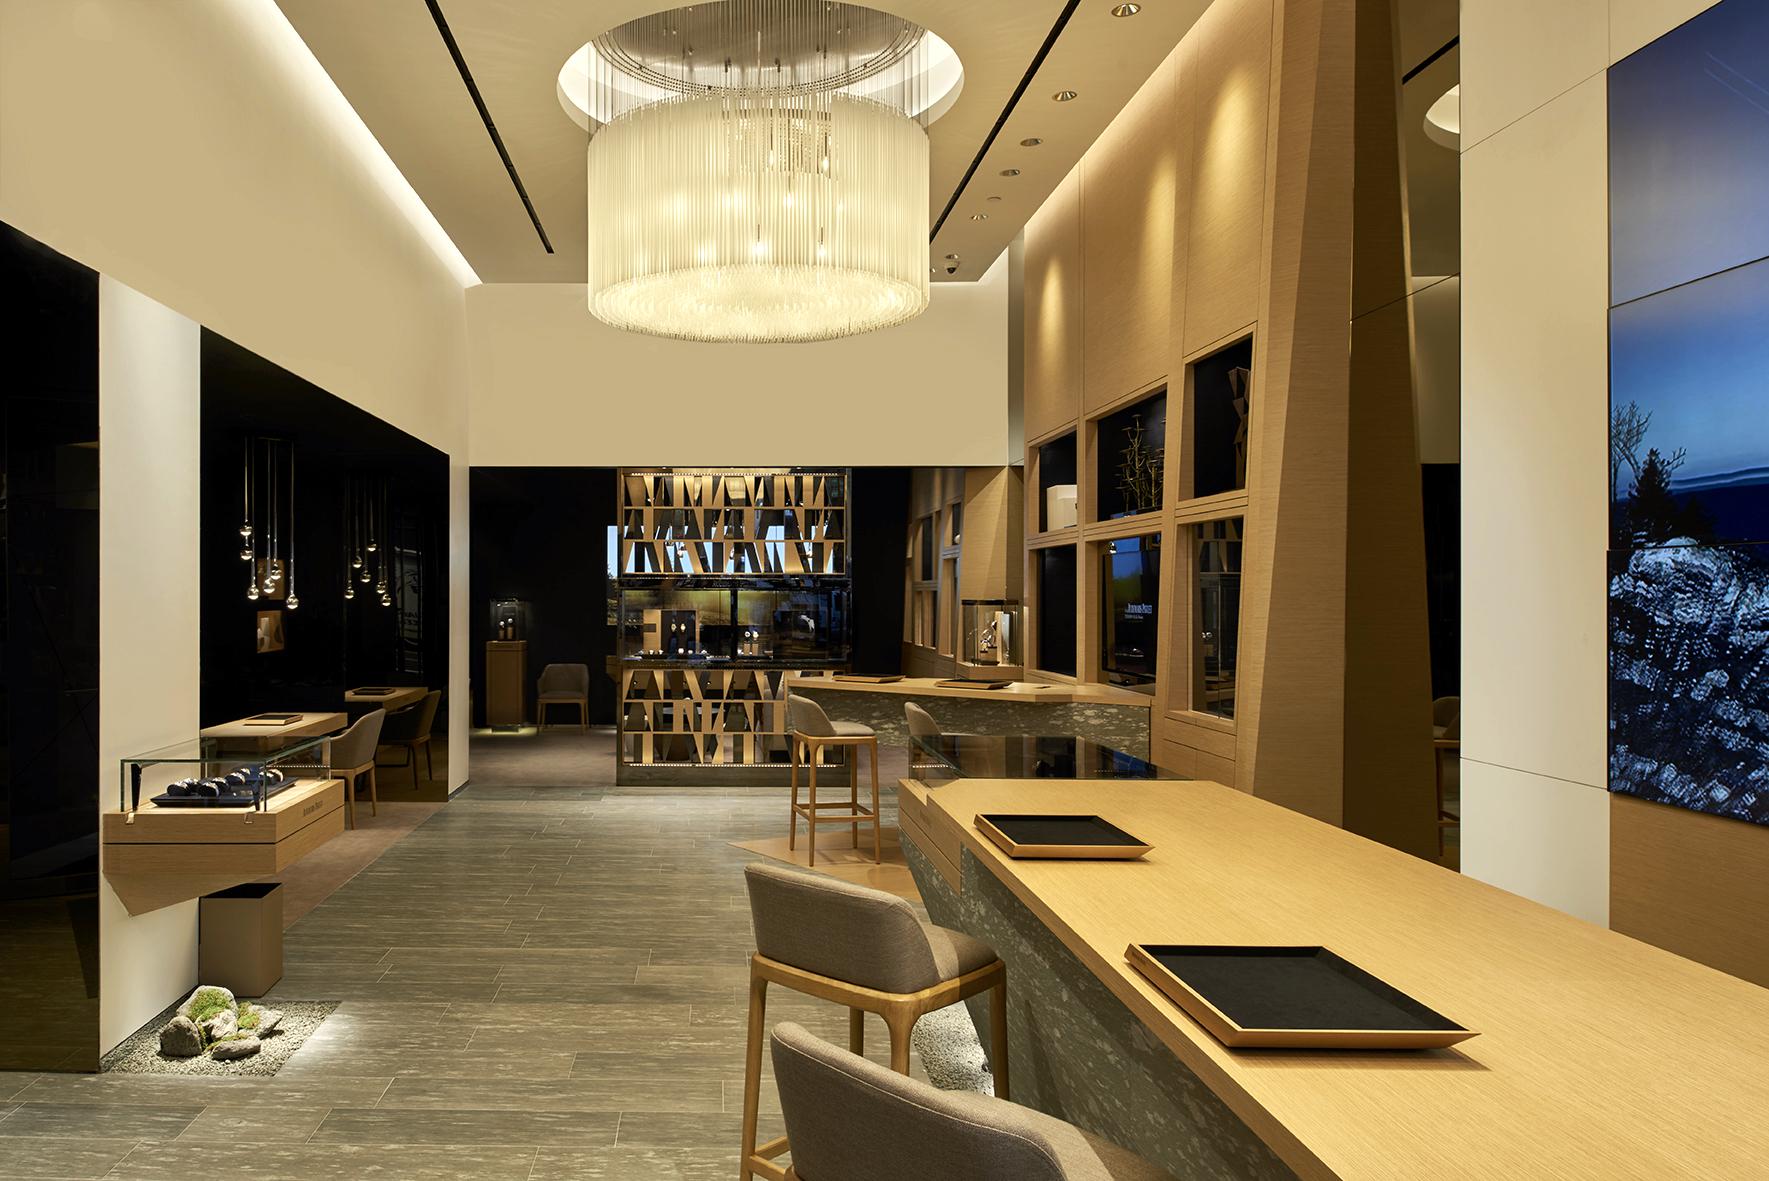 Audemars Piguet Re Opens Nyc Flagship Boutique